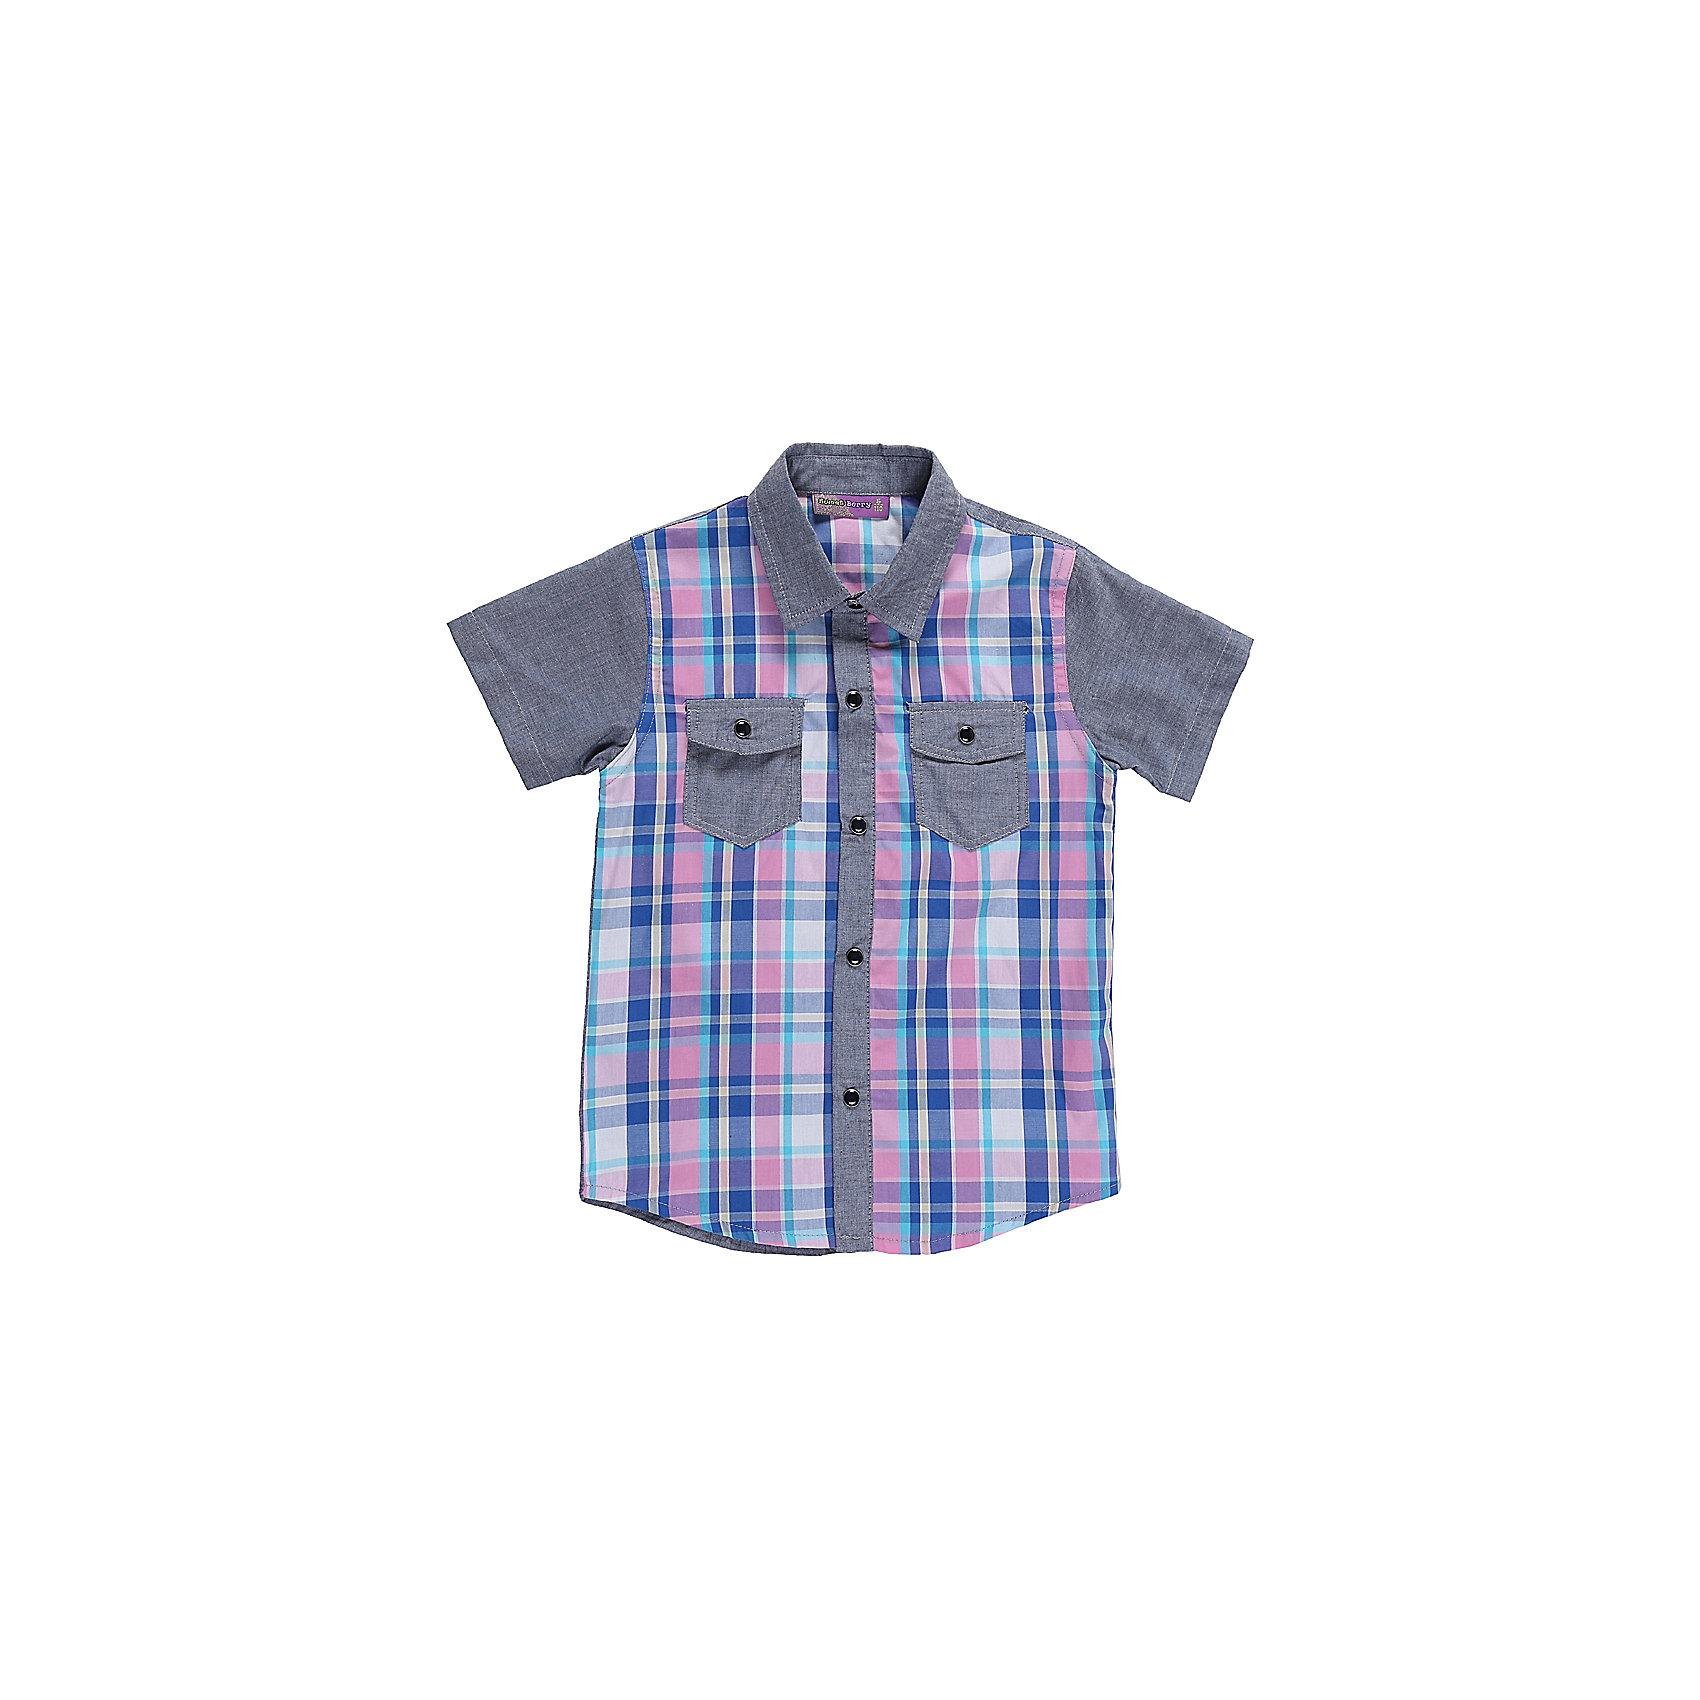 Рубашка для мальчика Sweet BerryБлузки и рубашки<br>Текстильная рубашка из хлопка в клетку для мальчика. Короткий рукав, накладной карман на левой полочке. Застегивается на кнопки. Отложной воротничок.<br>Состав:<br>100%хлопок<br><br>Ширина мм: 174<br>Глубина мм: 10<br>Высота мм: 169<br>Вес г: 157<br>Цвет: разноцветный<br>Возраст от месяцев: 36<br>Возраст до месяцев: 48<br>Пол: Мужской<br>Возраст: Детский<br>Размер: 104,98,110,116,122,128<br>SKU: 5410271